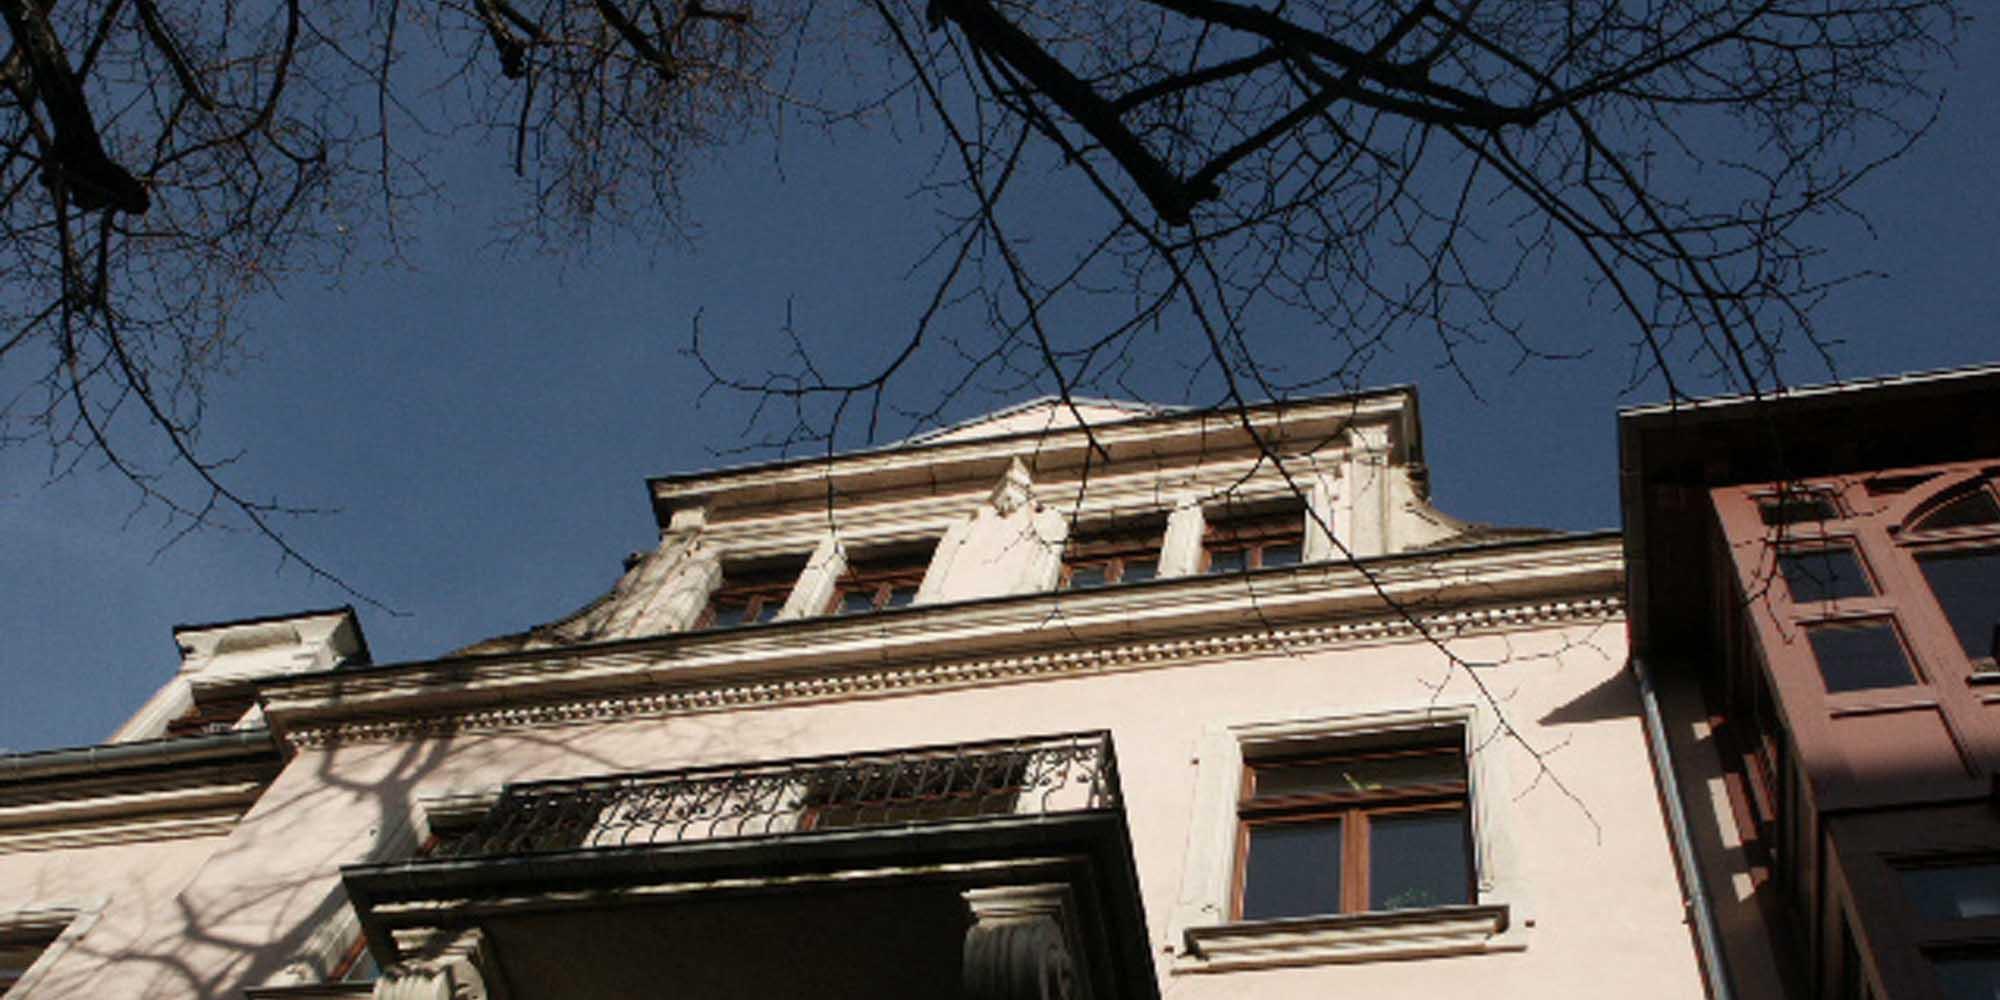 denkmalgesch tze wohnh user dresden leipzig weimar architekturb ro hoffmann amtsberg. Black Bedroom Furniture Sets. Home Design Ideas